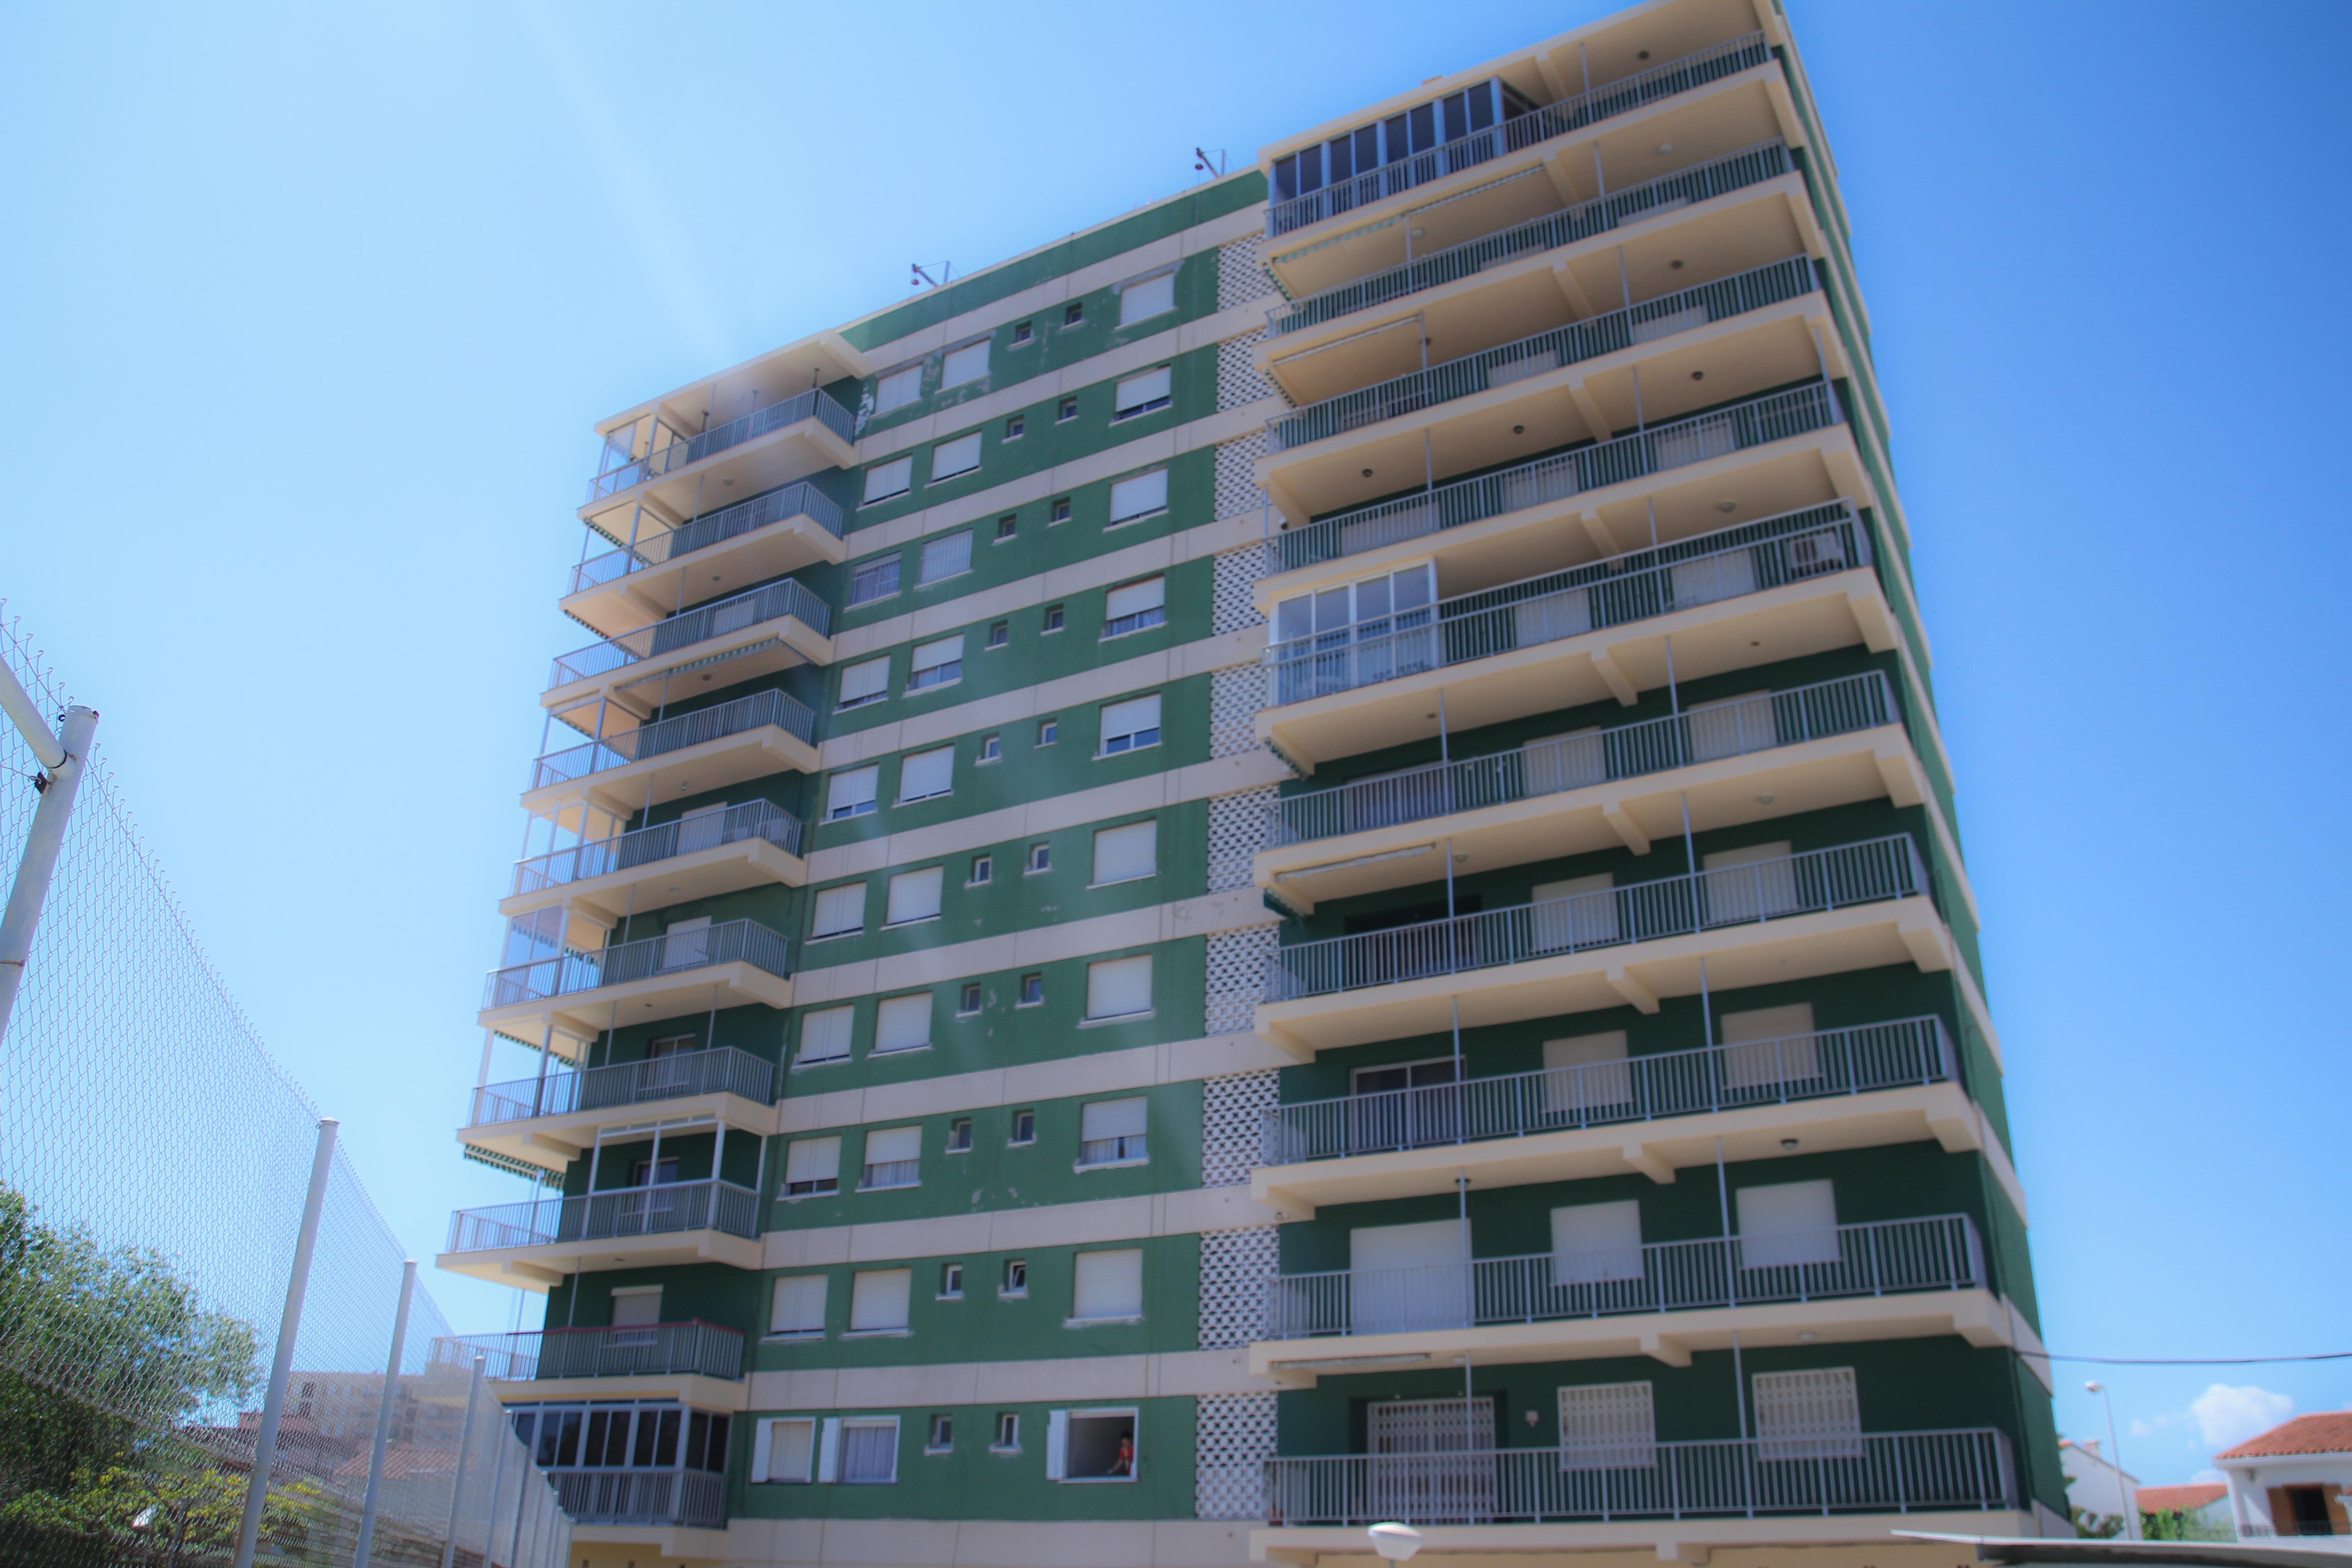 Vista de fachada lateral del bloque